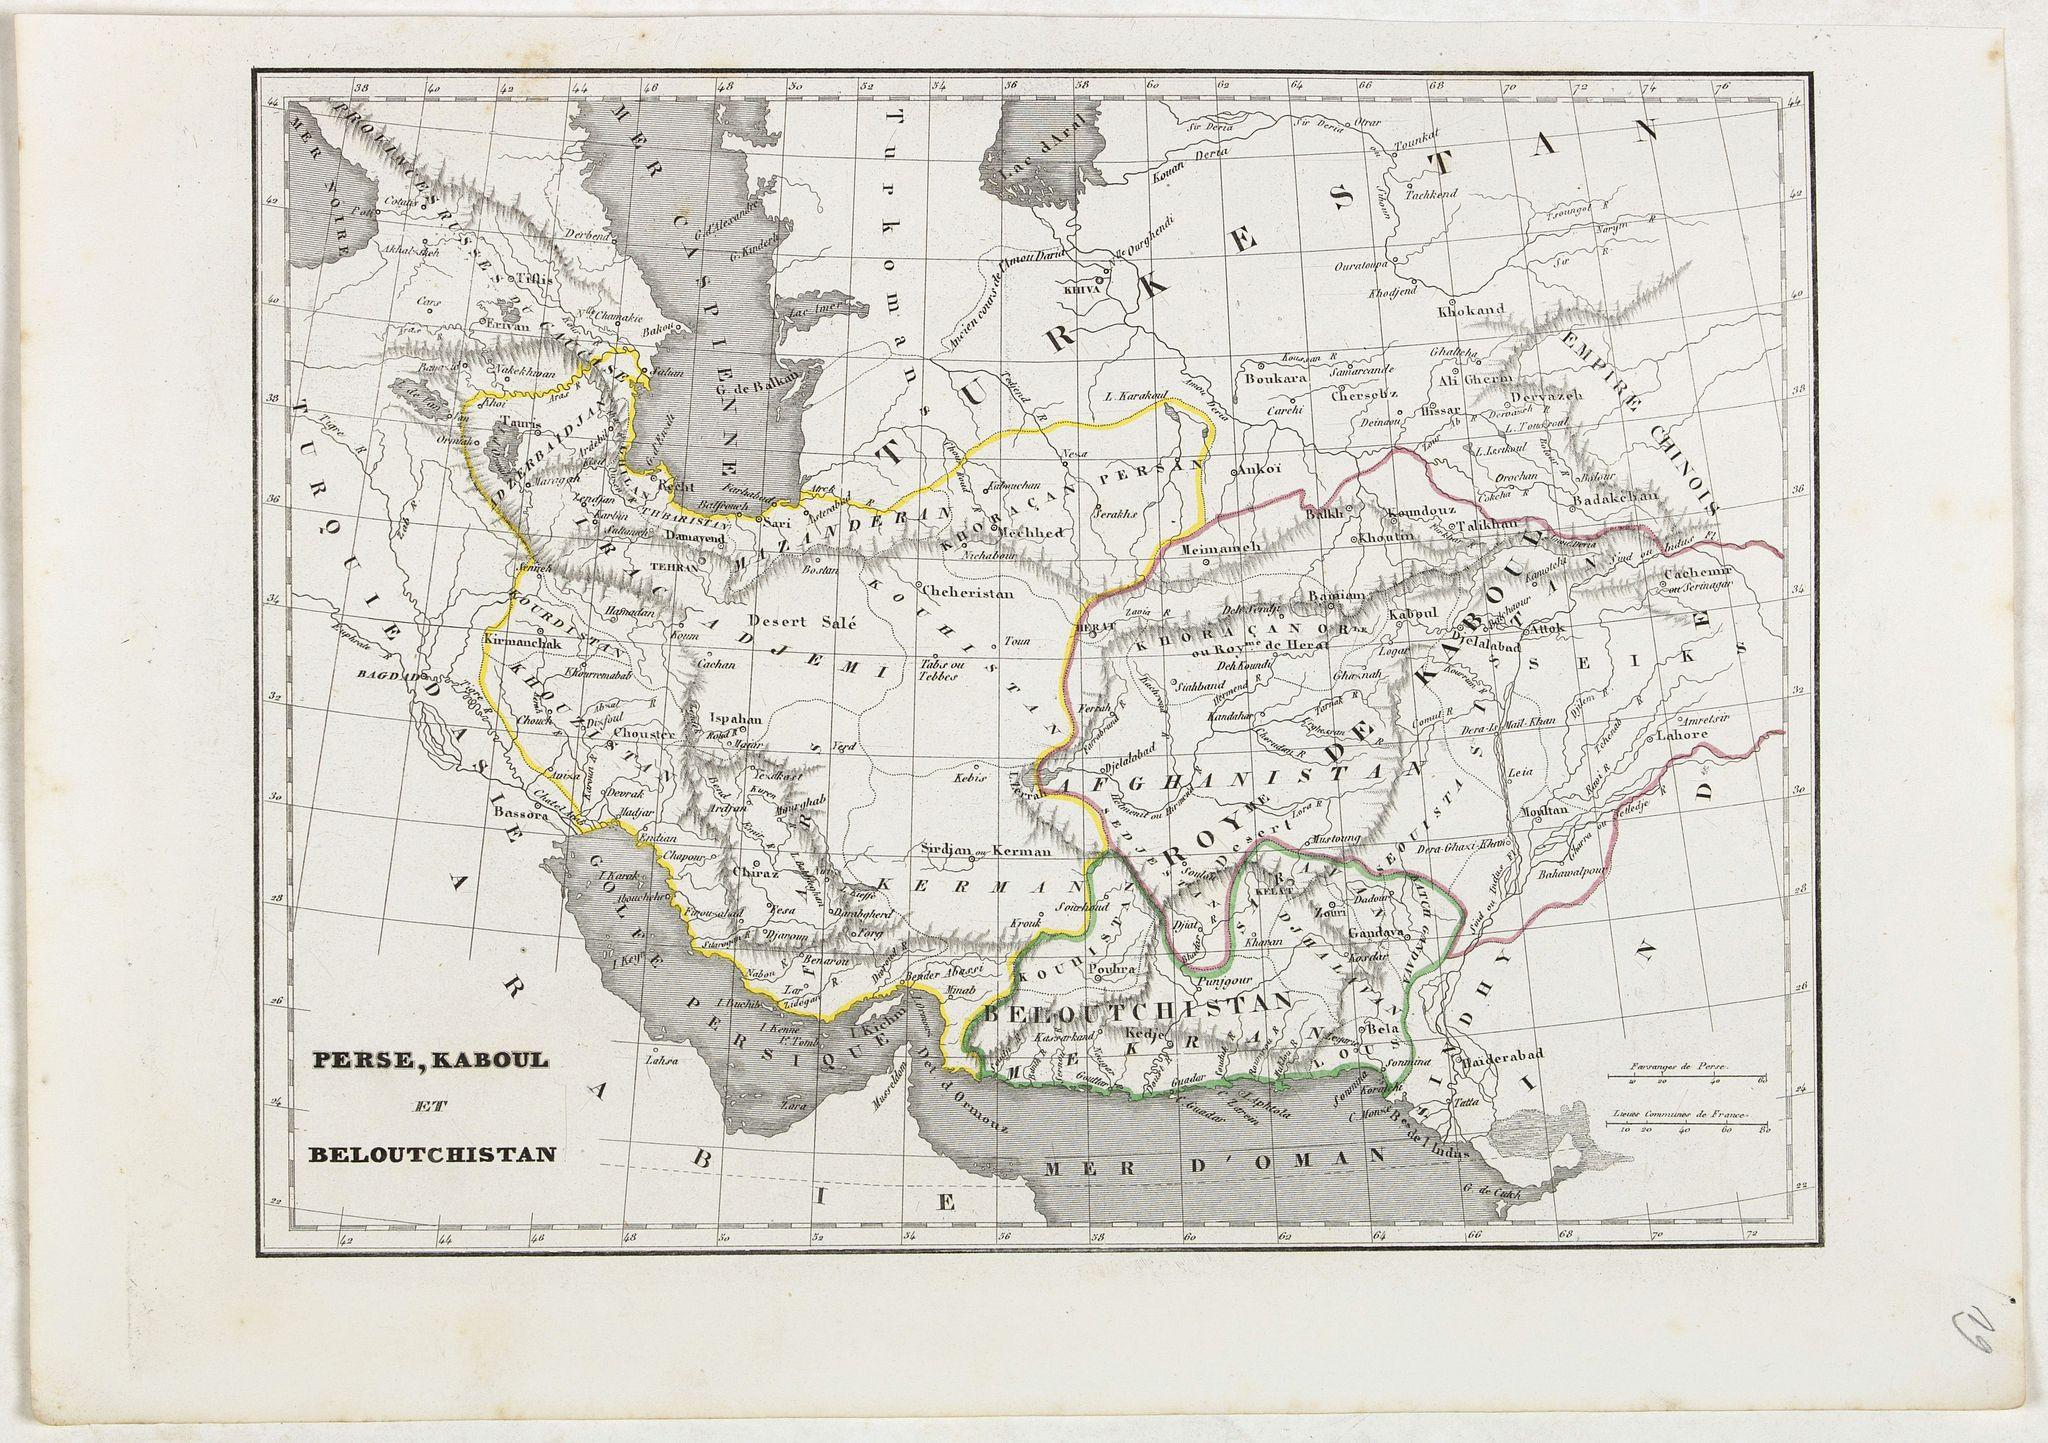 MONIN, C.V. -  Perse, Kaboul et Beloutchistan.